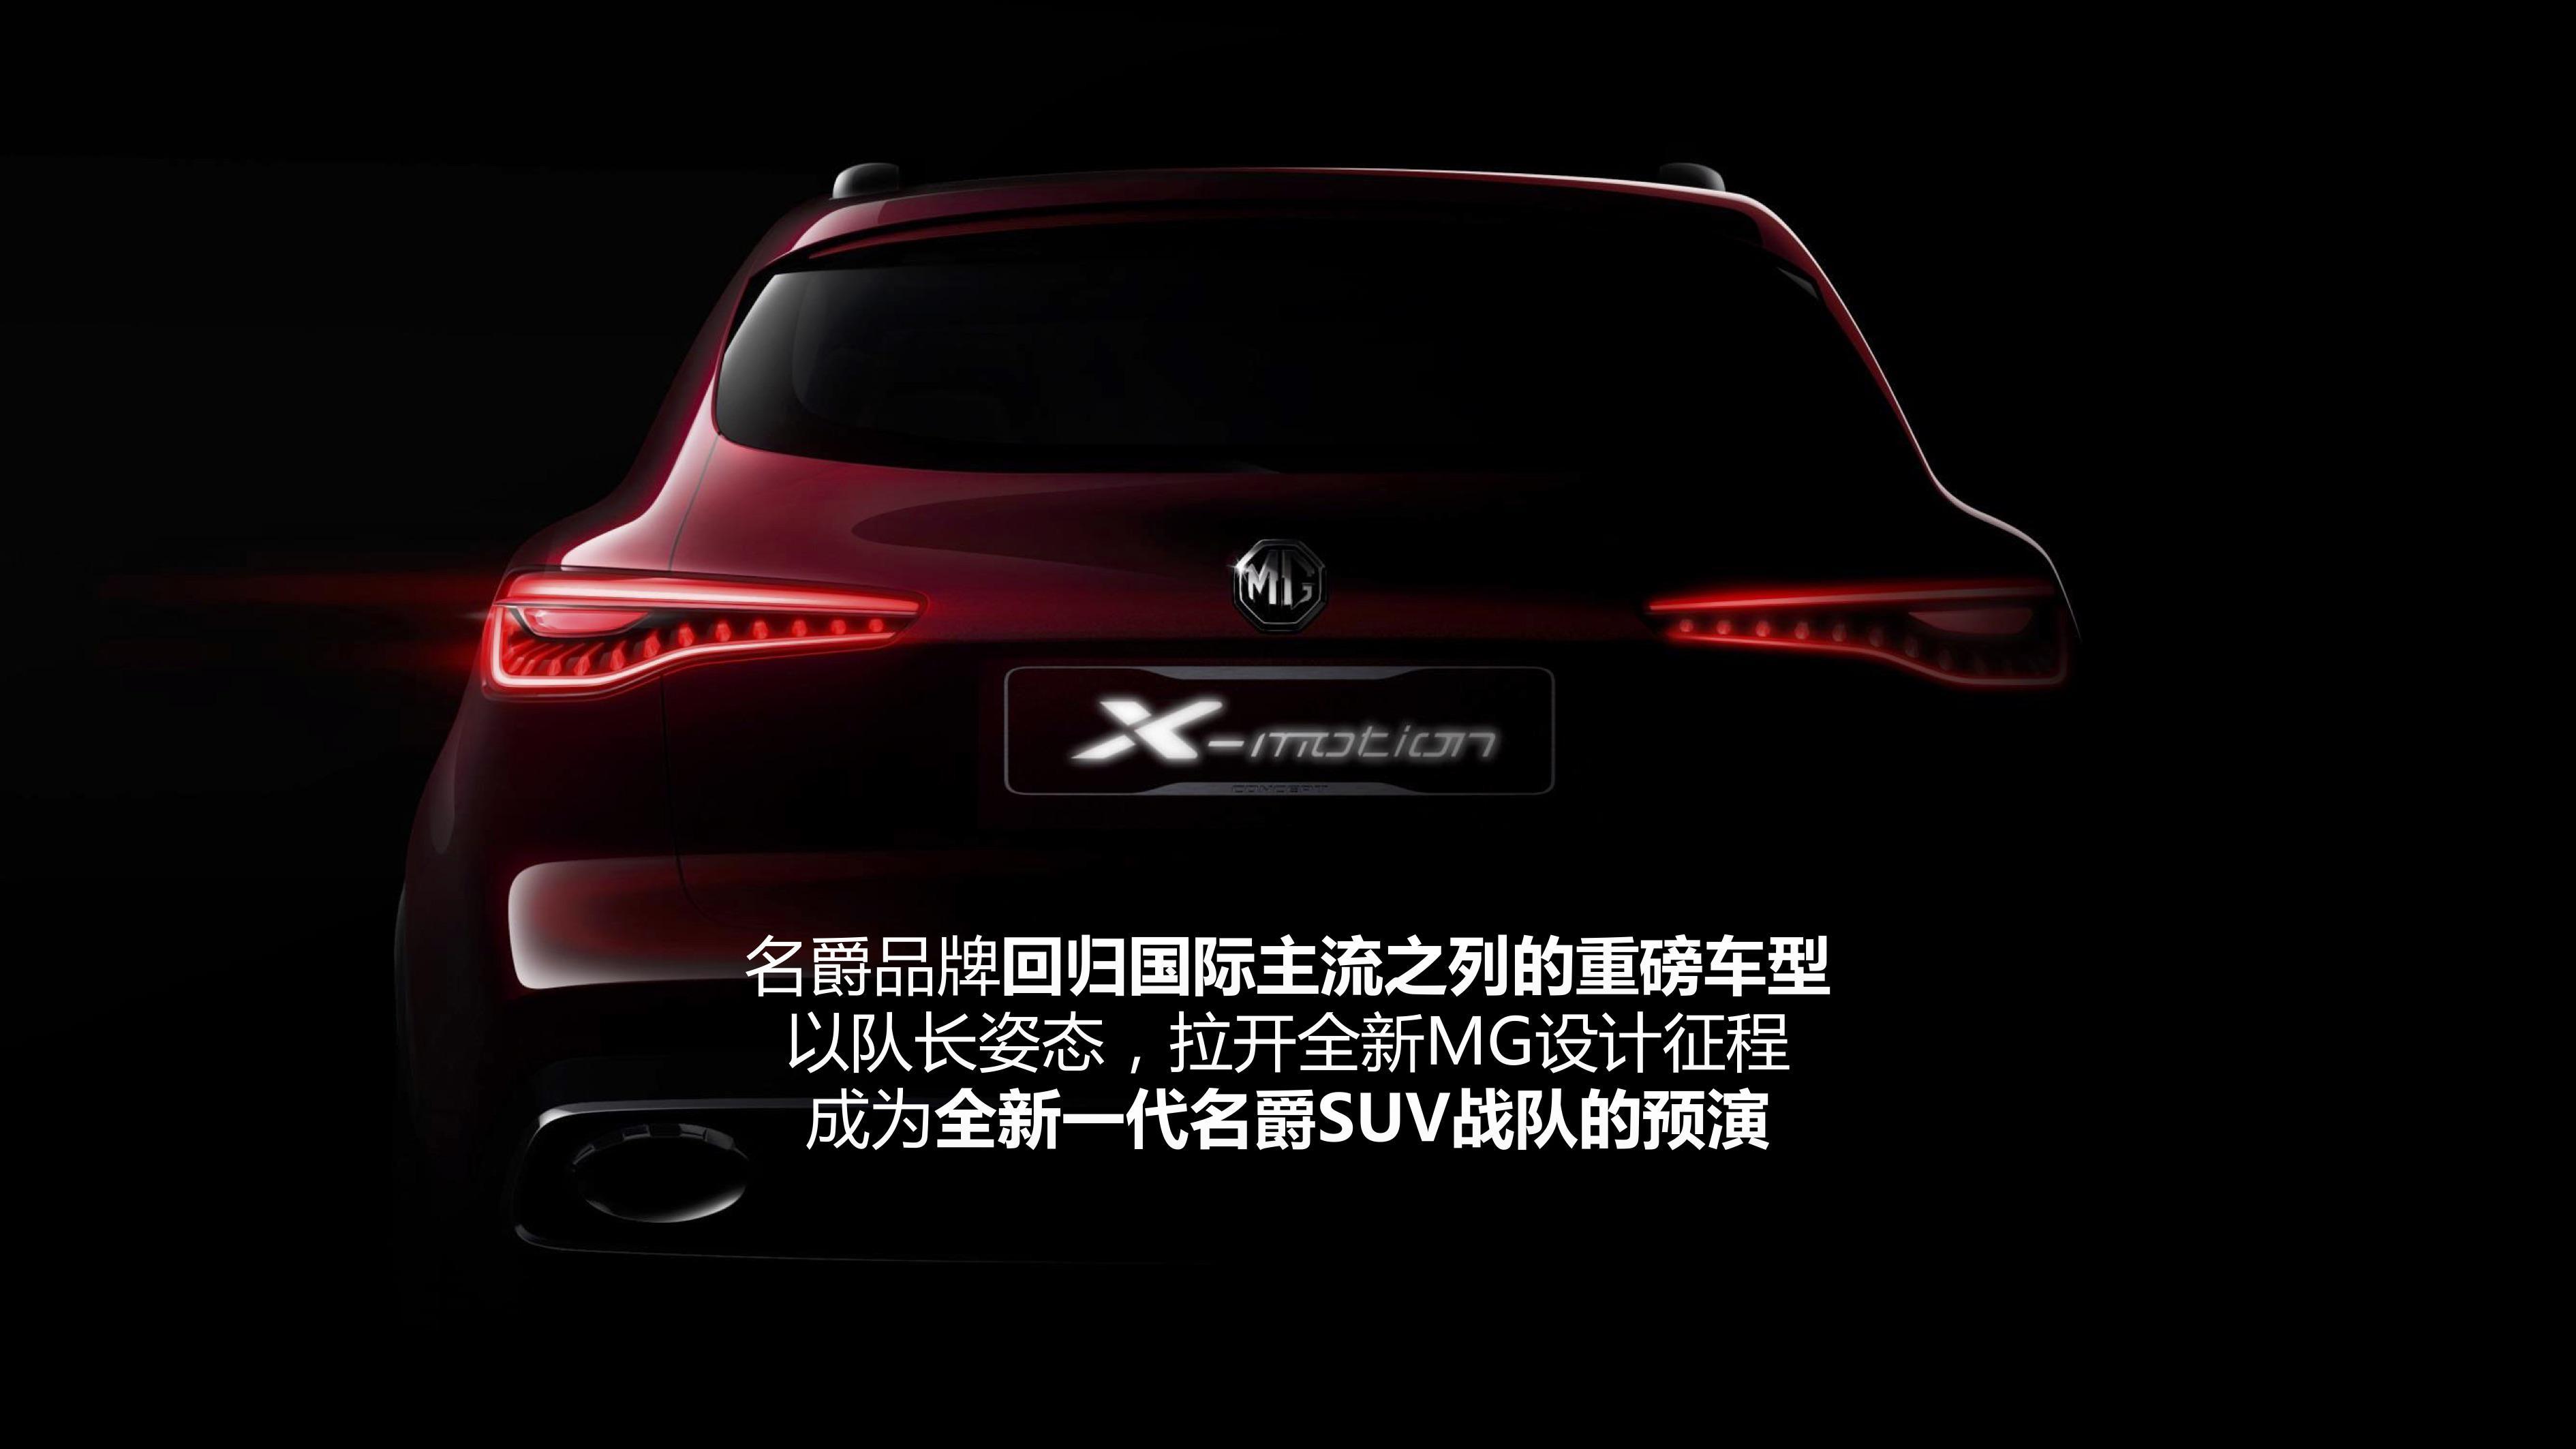 邵景峰:以超级感性曲面打造X-motion概念车